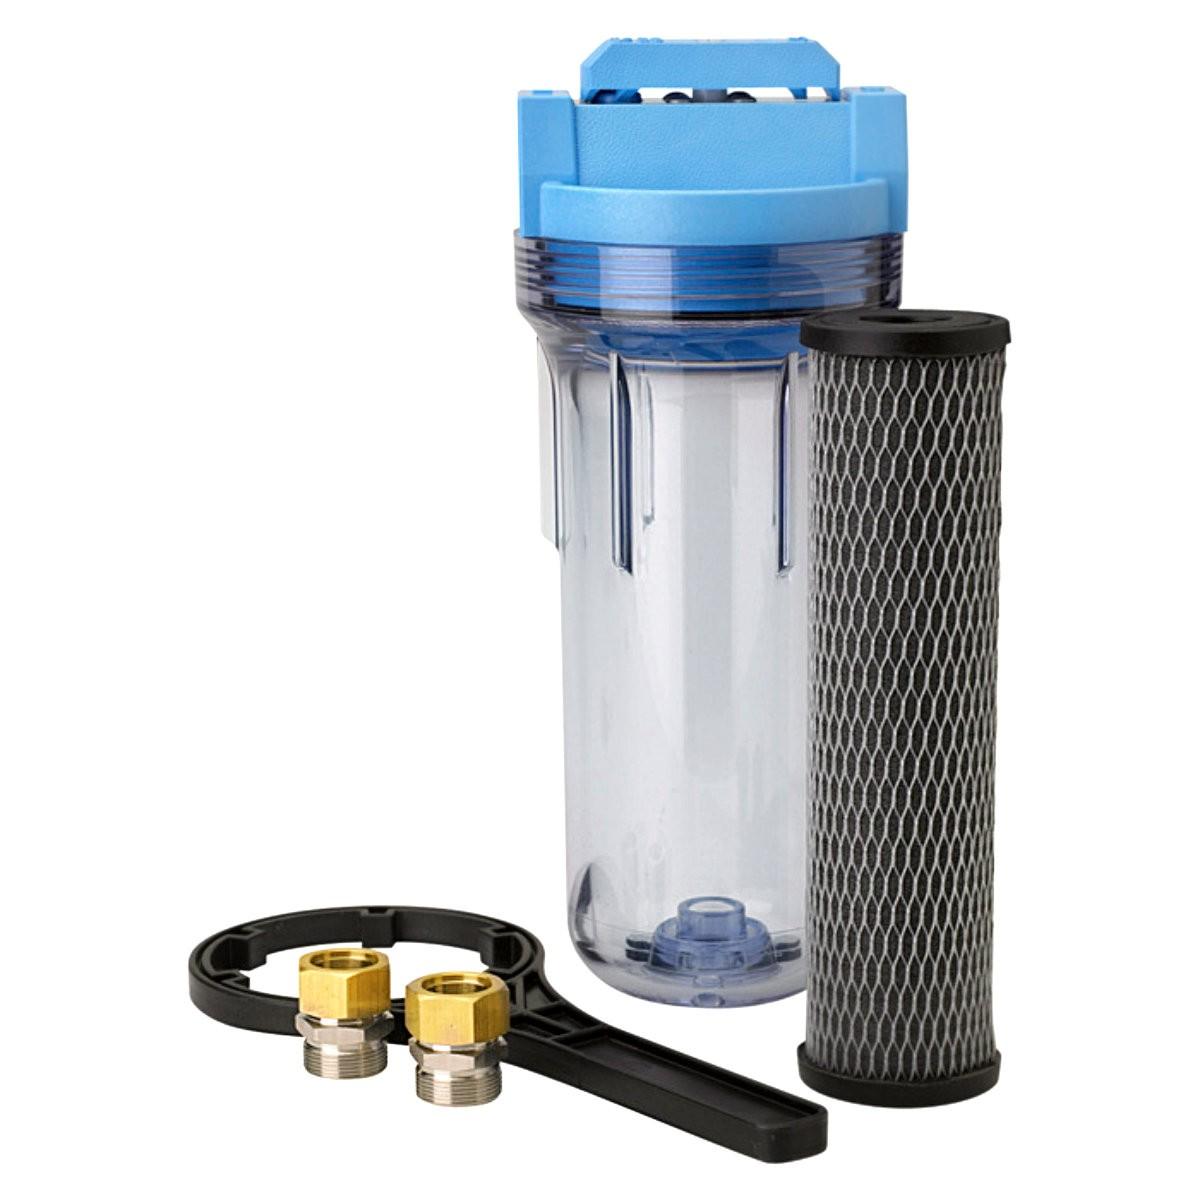 Фильтр для очистки воды своими руками - Greenologia 62